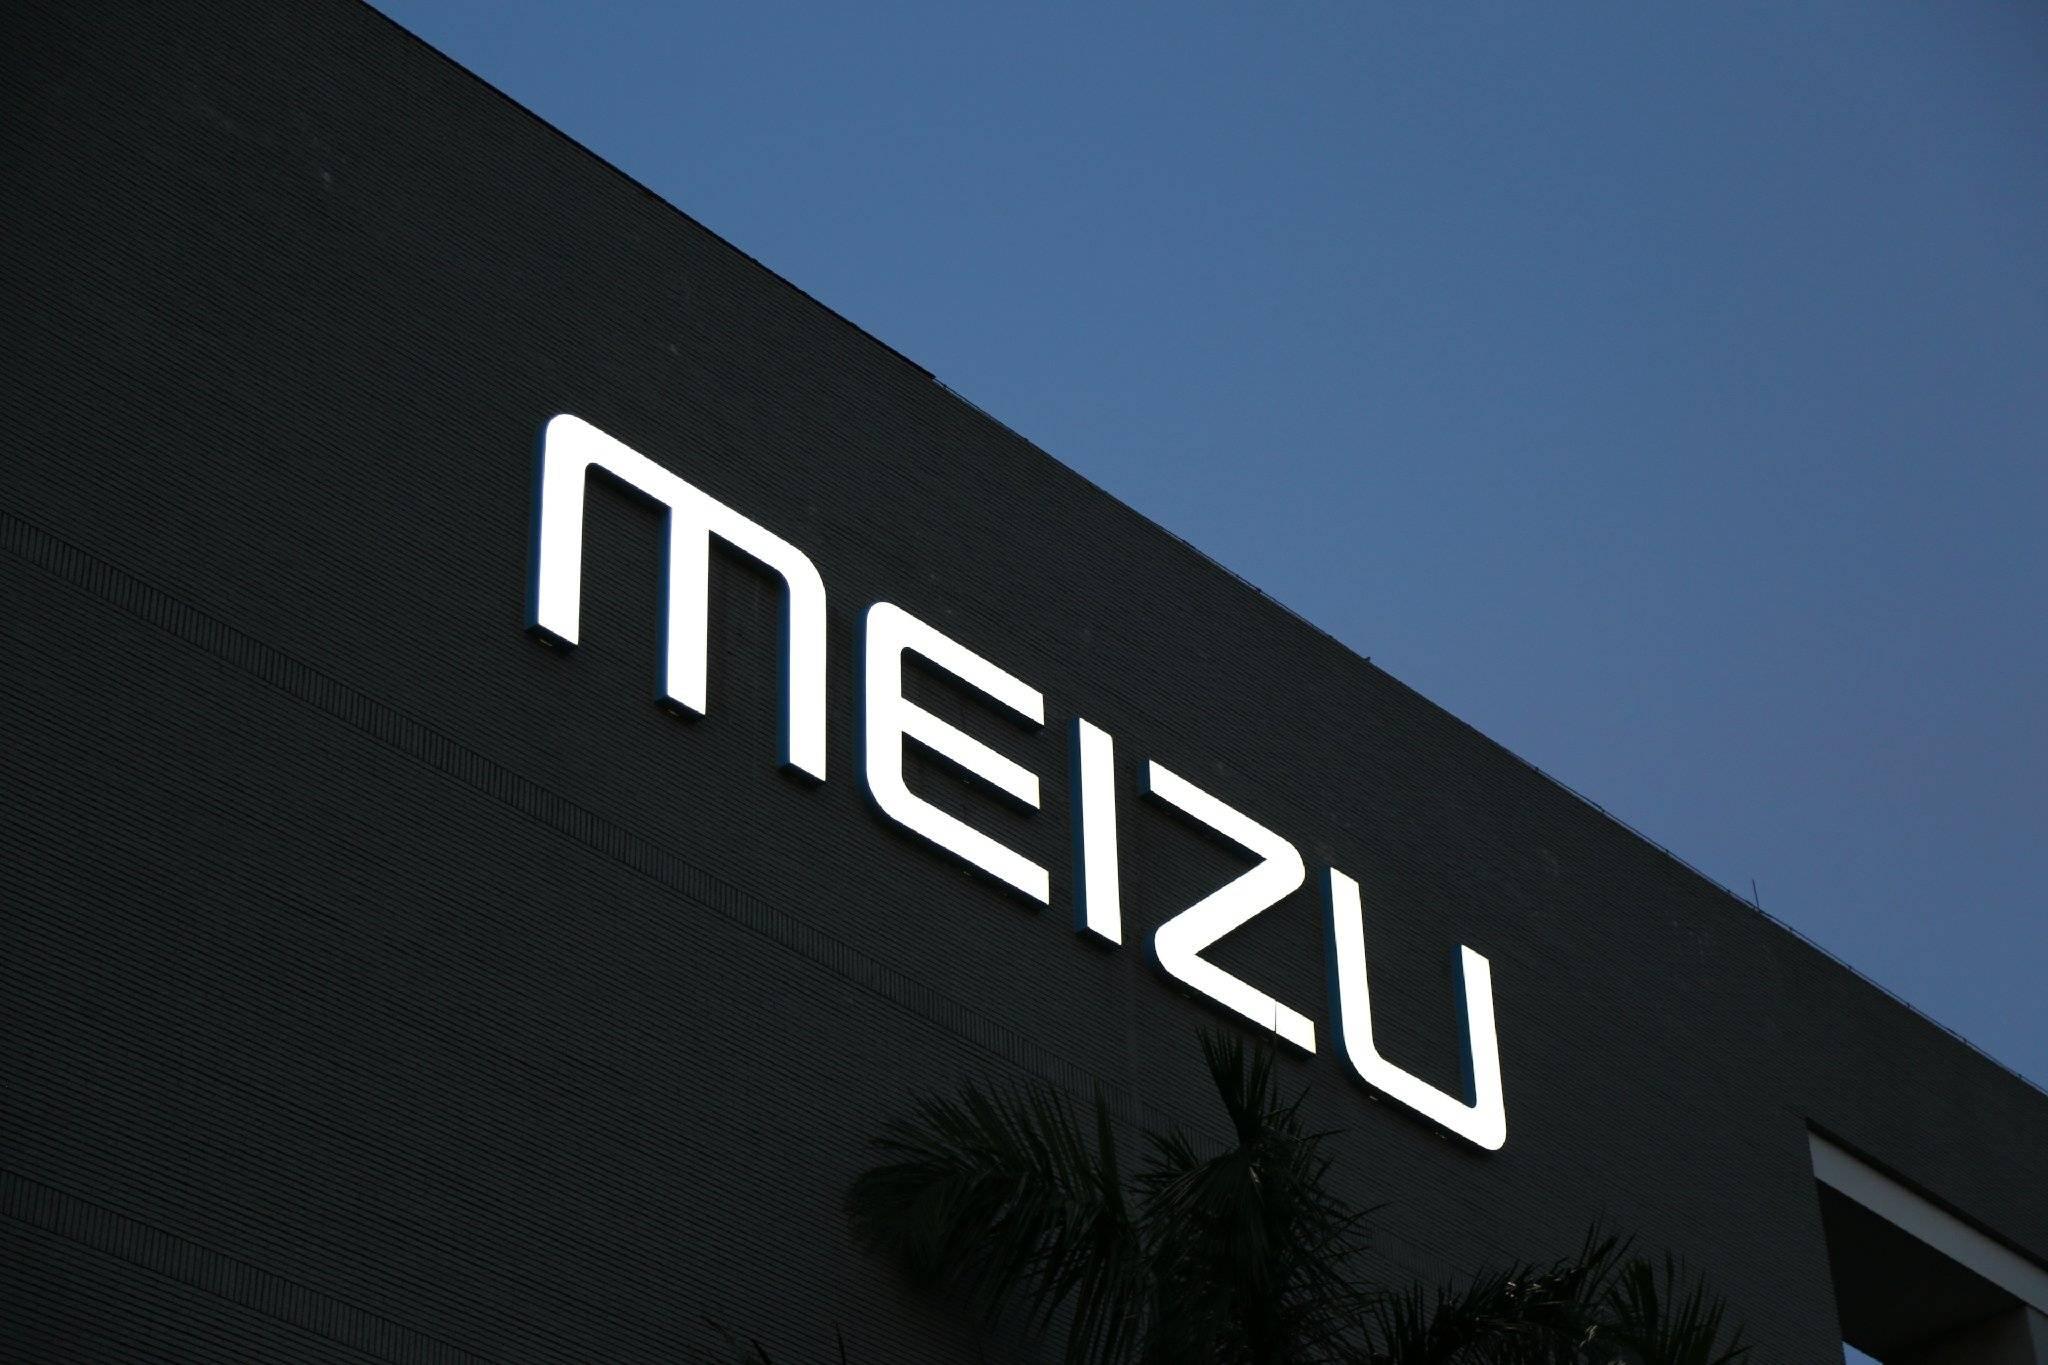 【噂】HuaweiのCMO経験者がMeizuに入社してMシリーズを独立法人化?